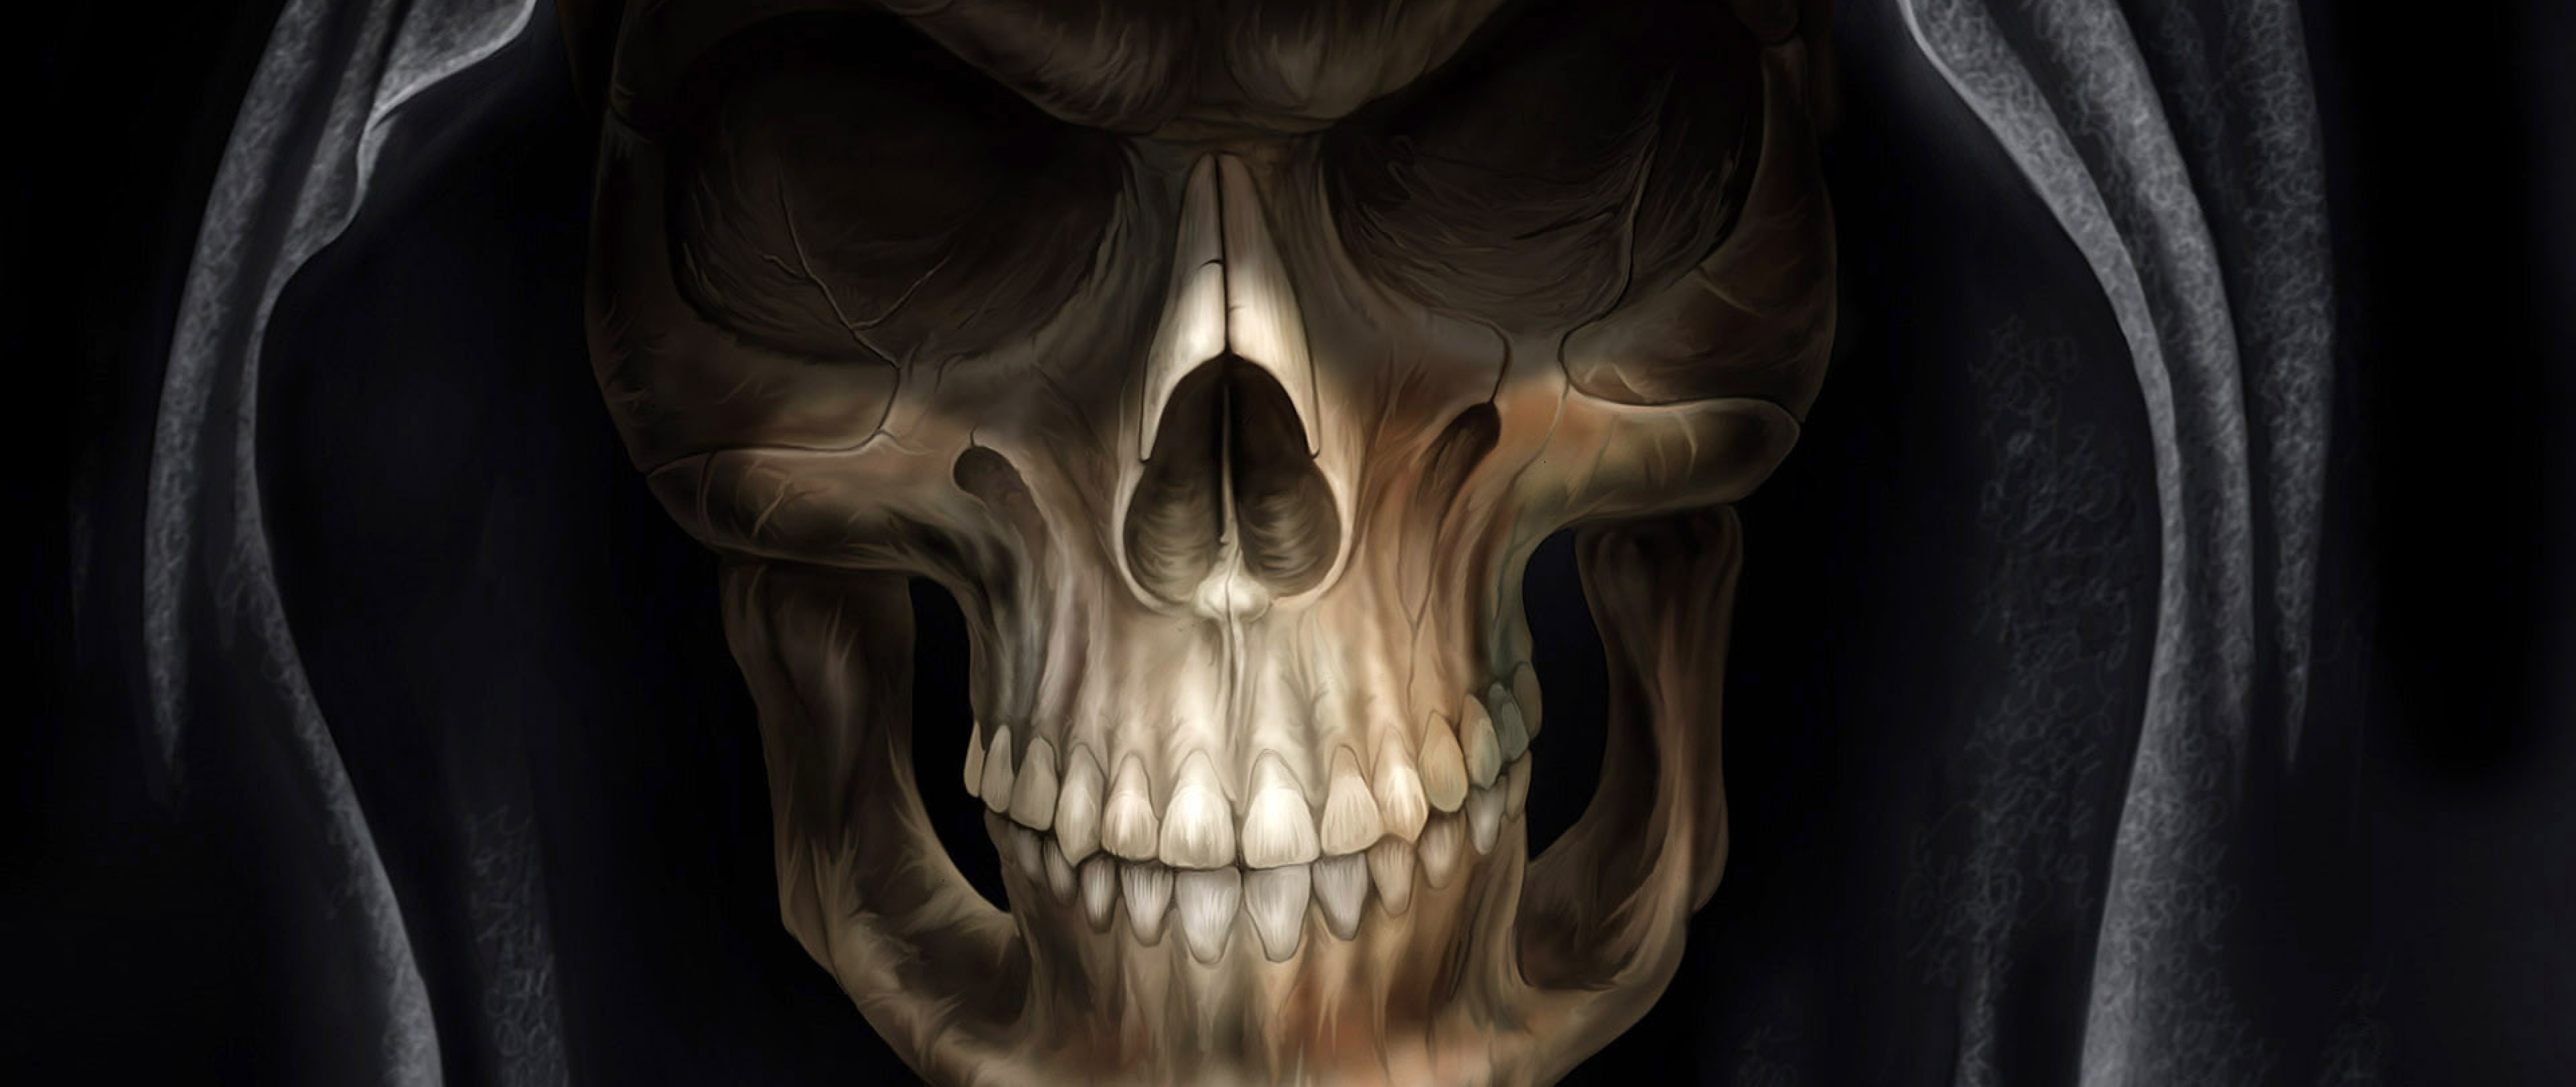 3d Free Skull Design Hd Wallpaper For Desktop And Mobiles 4k